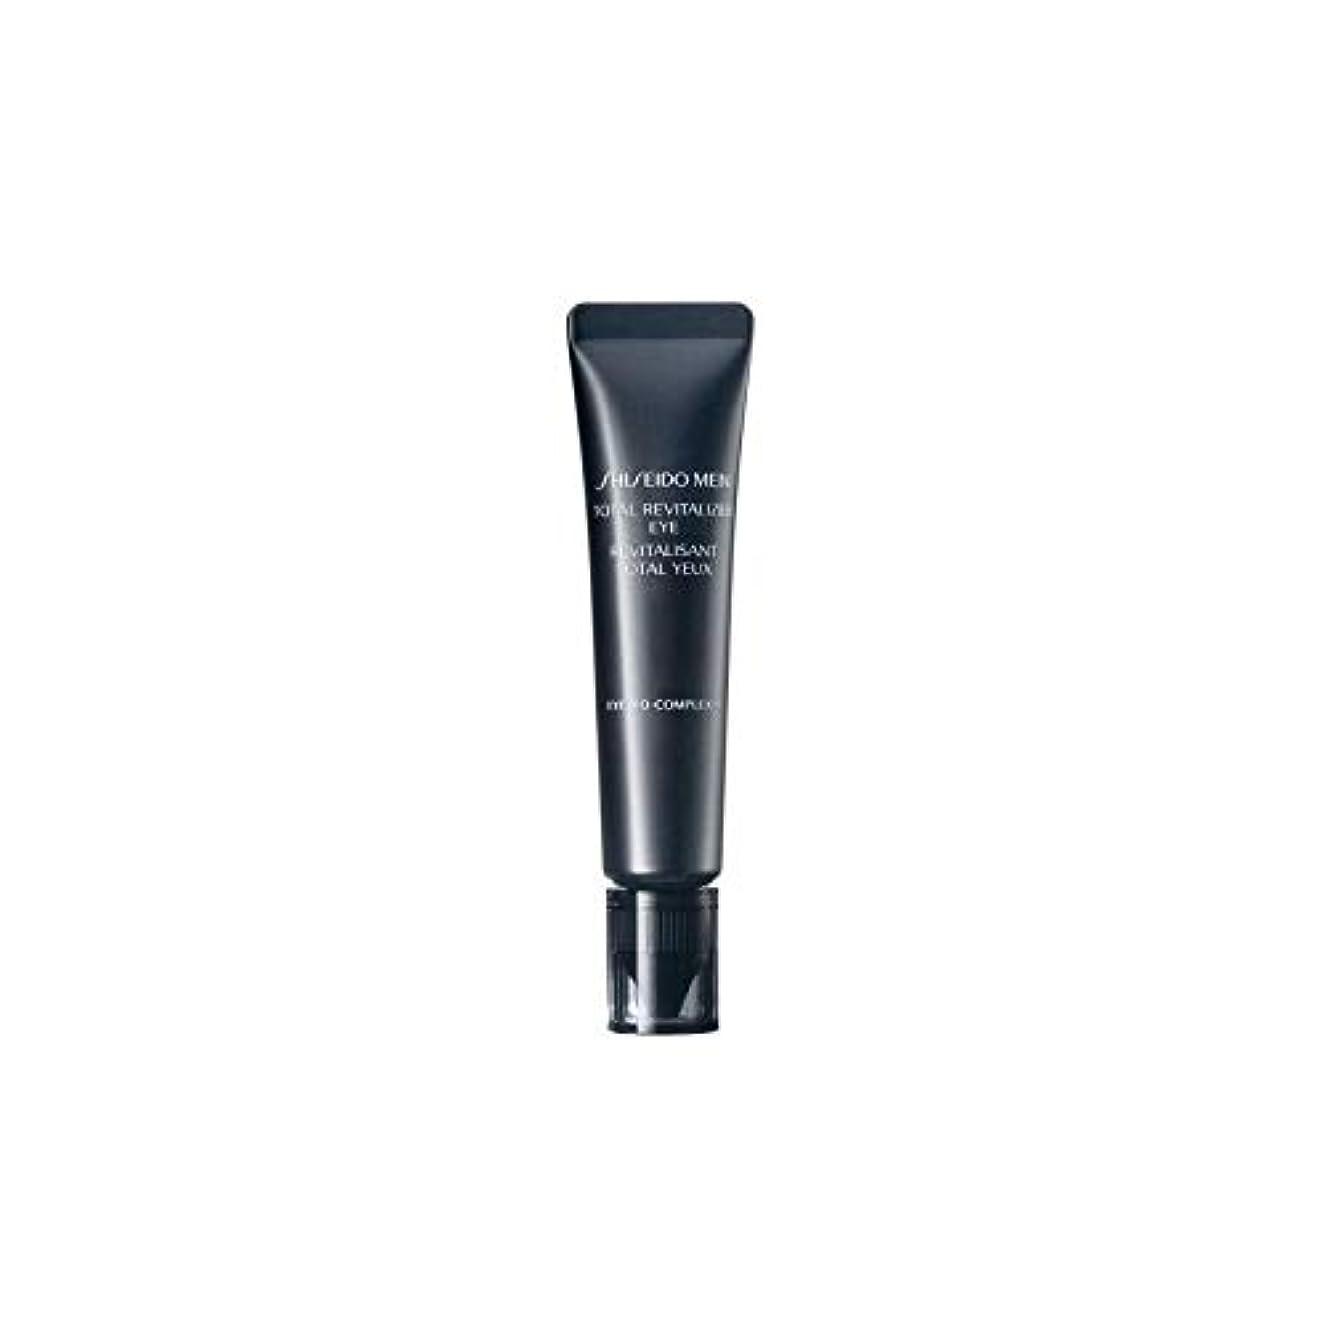 協力勝利ライブ[Shiseido ] 資生堂は、総滋養強壮の眼(15ミリリットル)をメンズ - Shiseido Mens Total Revitalizer Eye (15ml) [並行輸入品]